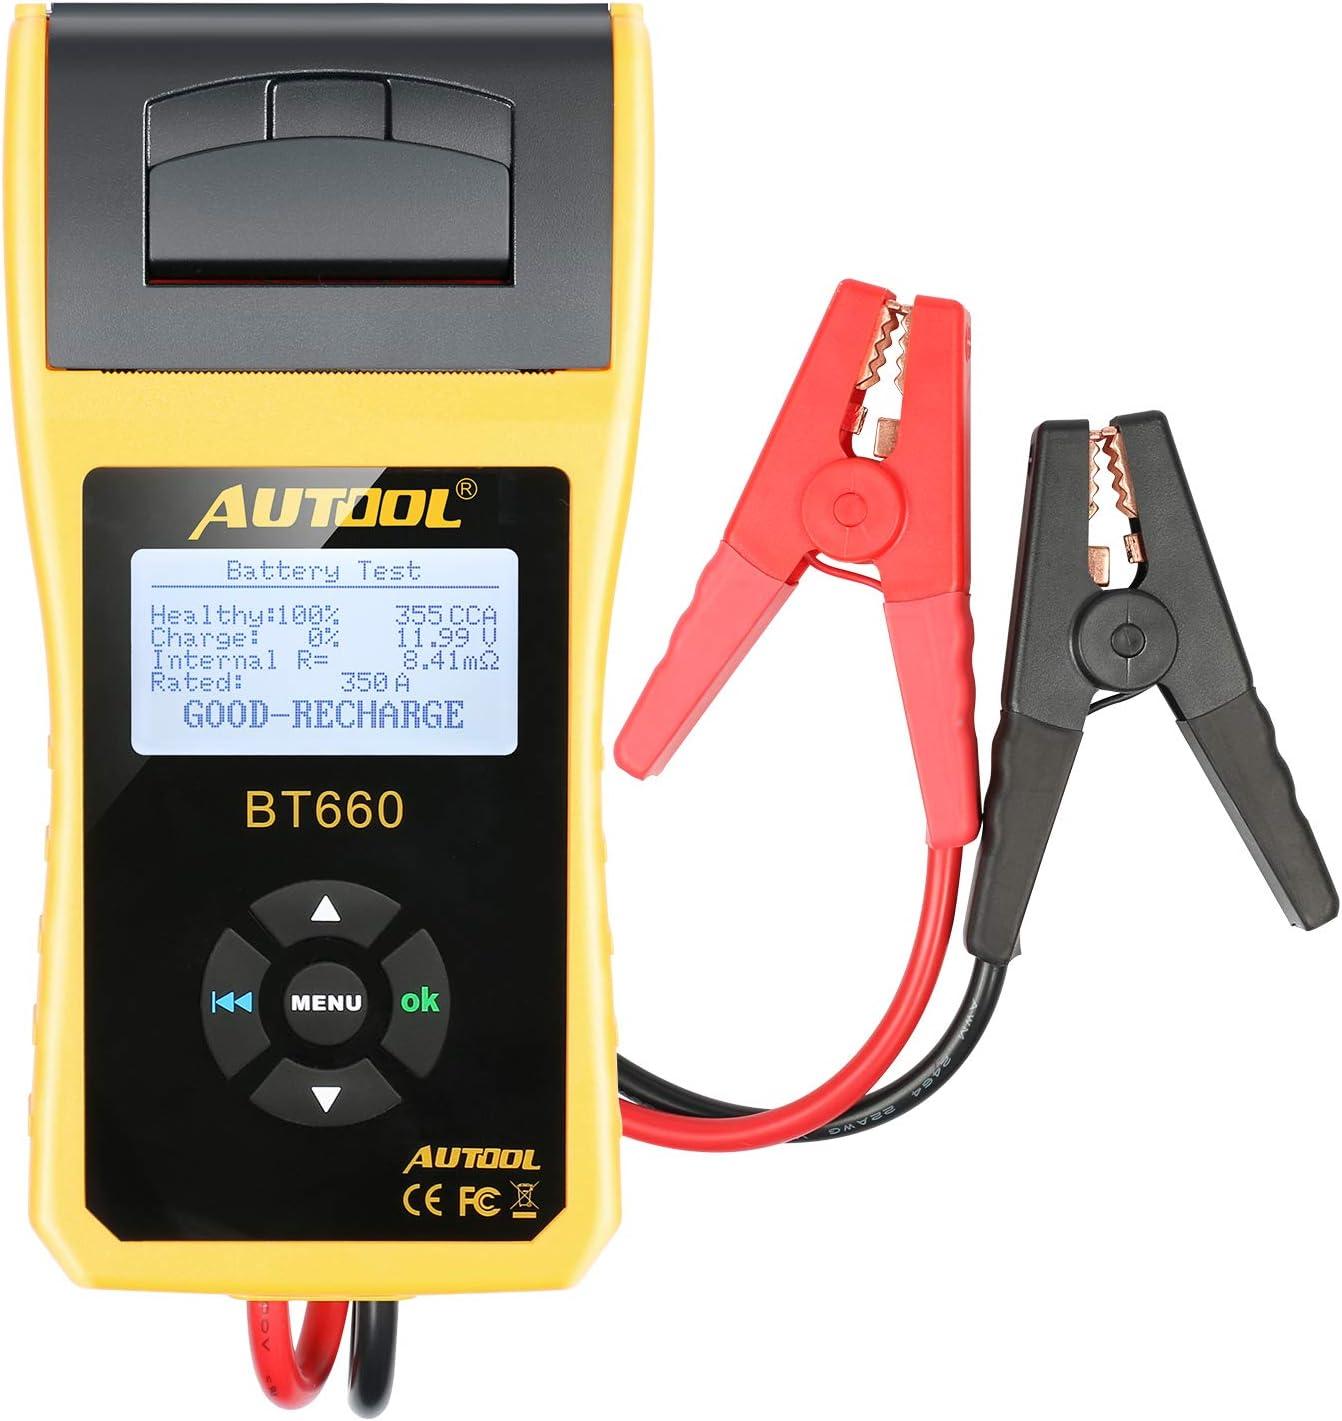 AUTOOL Analizador del probador de la batería del coche 12V / 24V con la impresora para CCA 100-3000 frío inundado que arranca amperios Auto de la batería